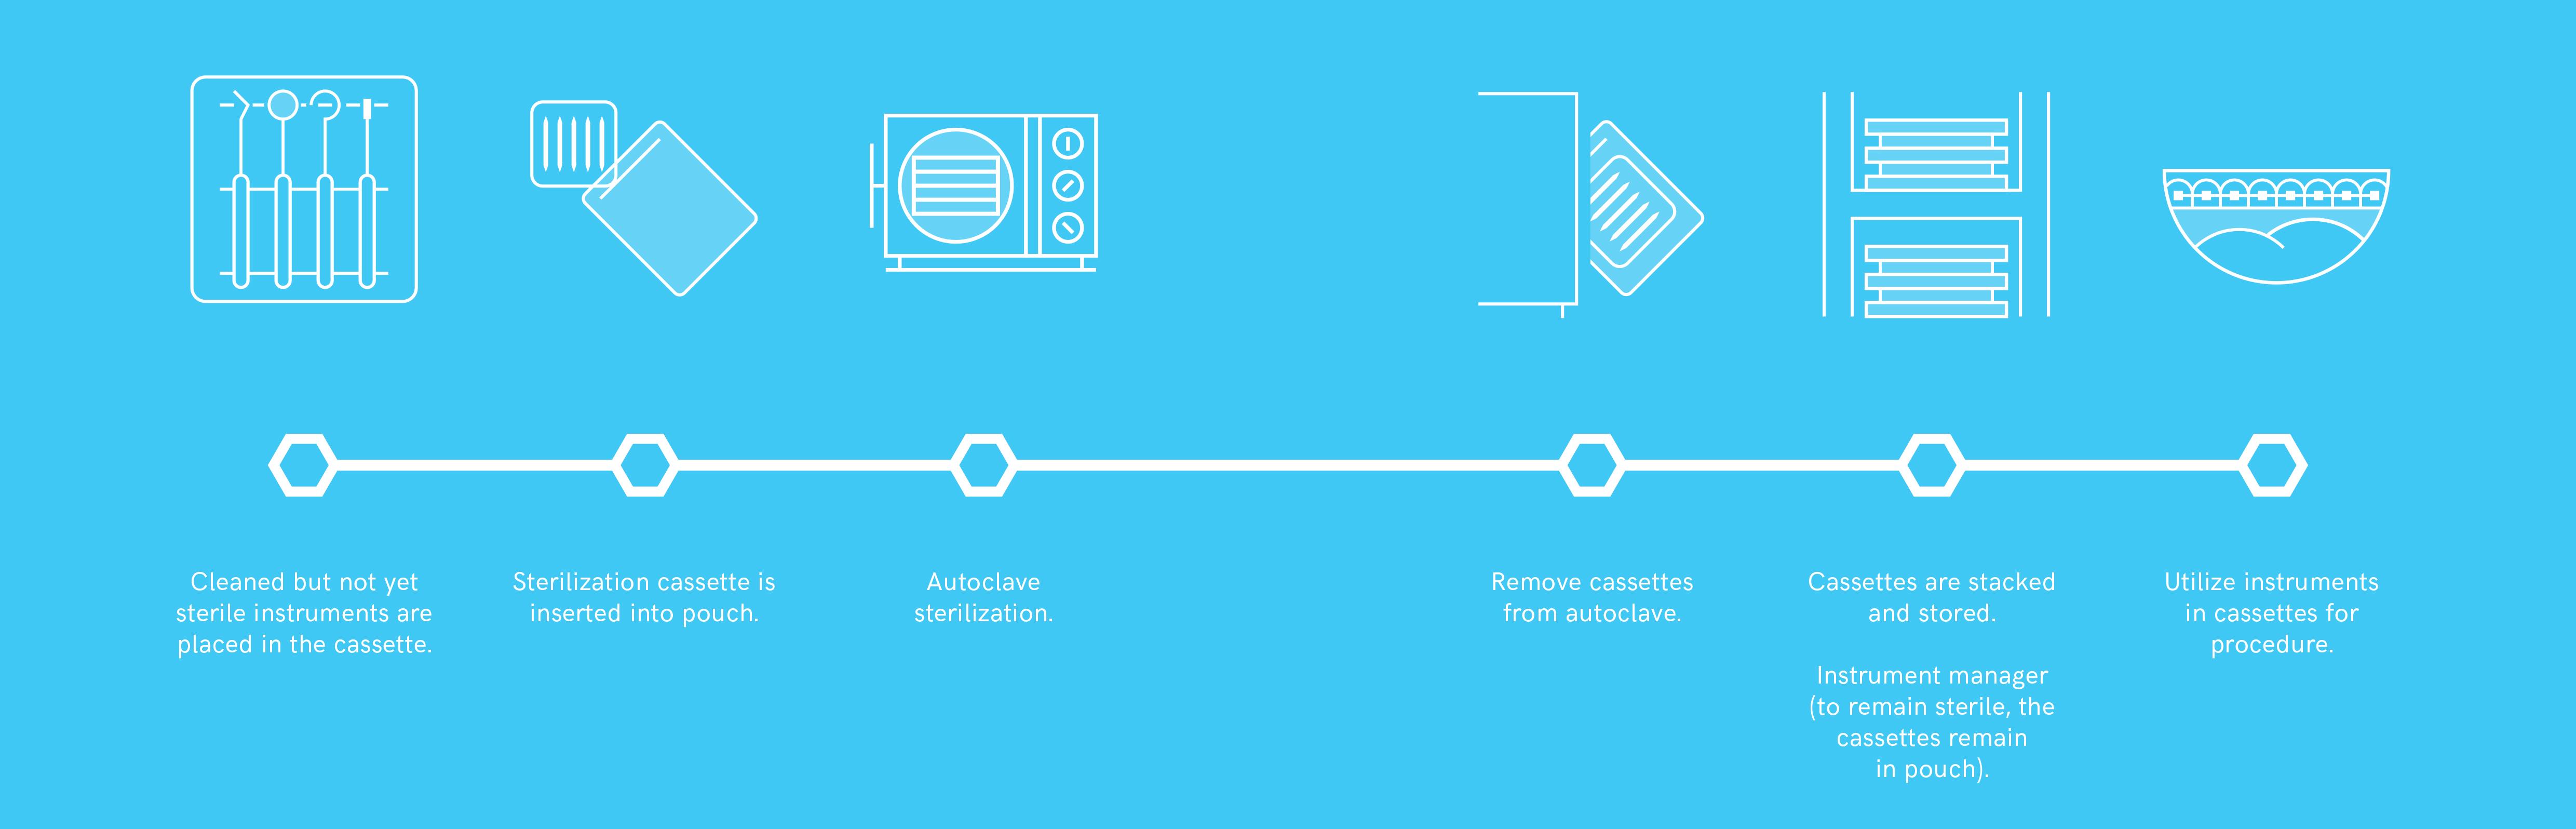 sterilization-schematics-3